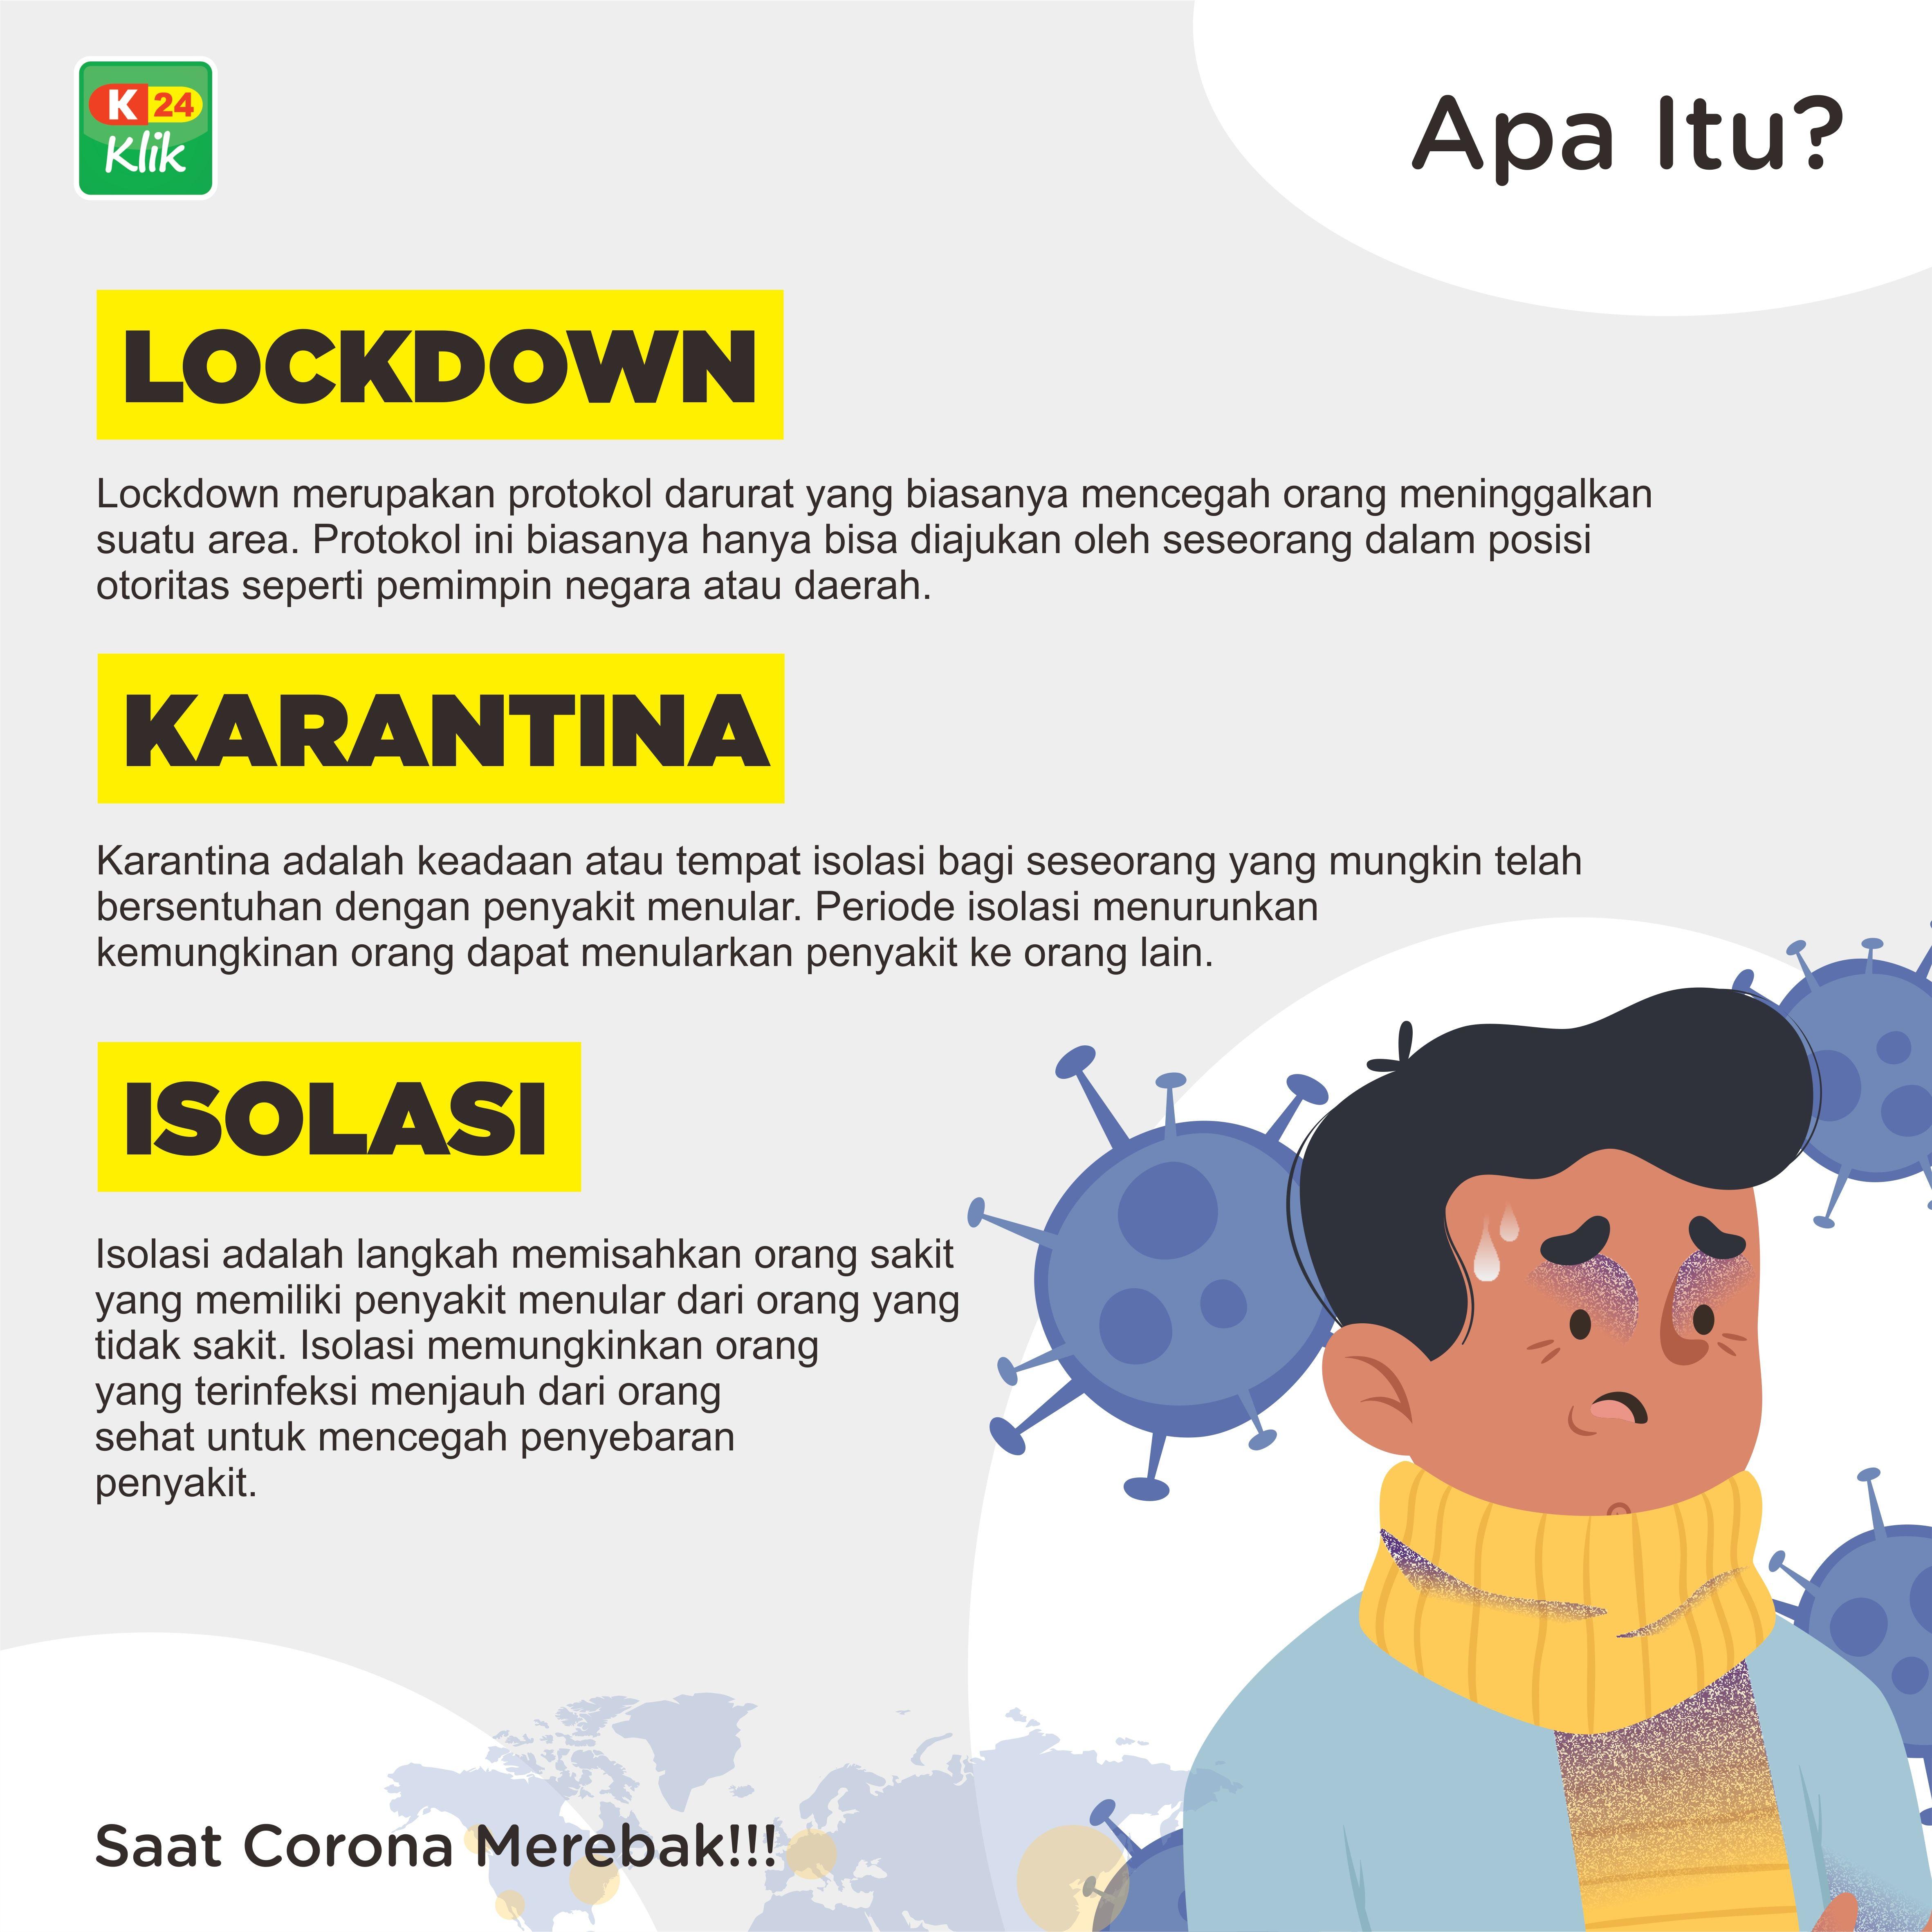 1. Lockdown merupakan protokol darurat yang biasanya ...